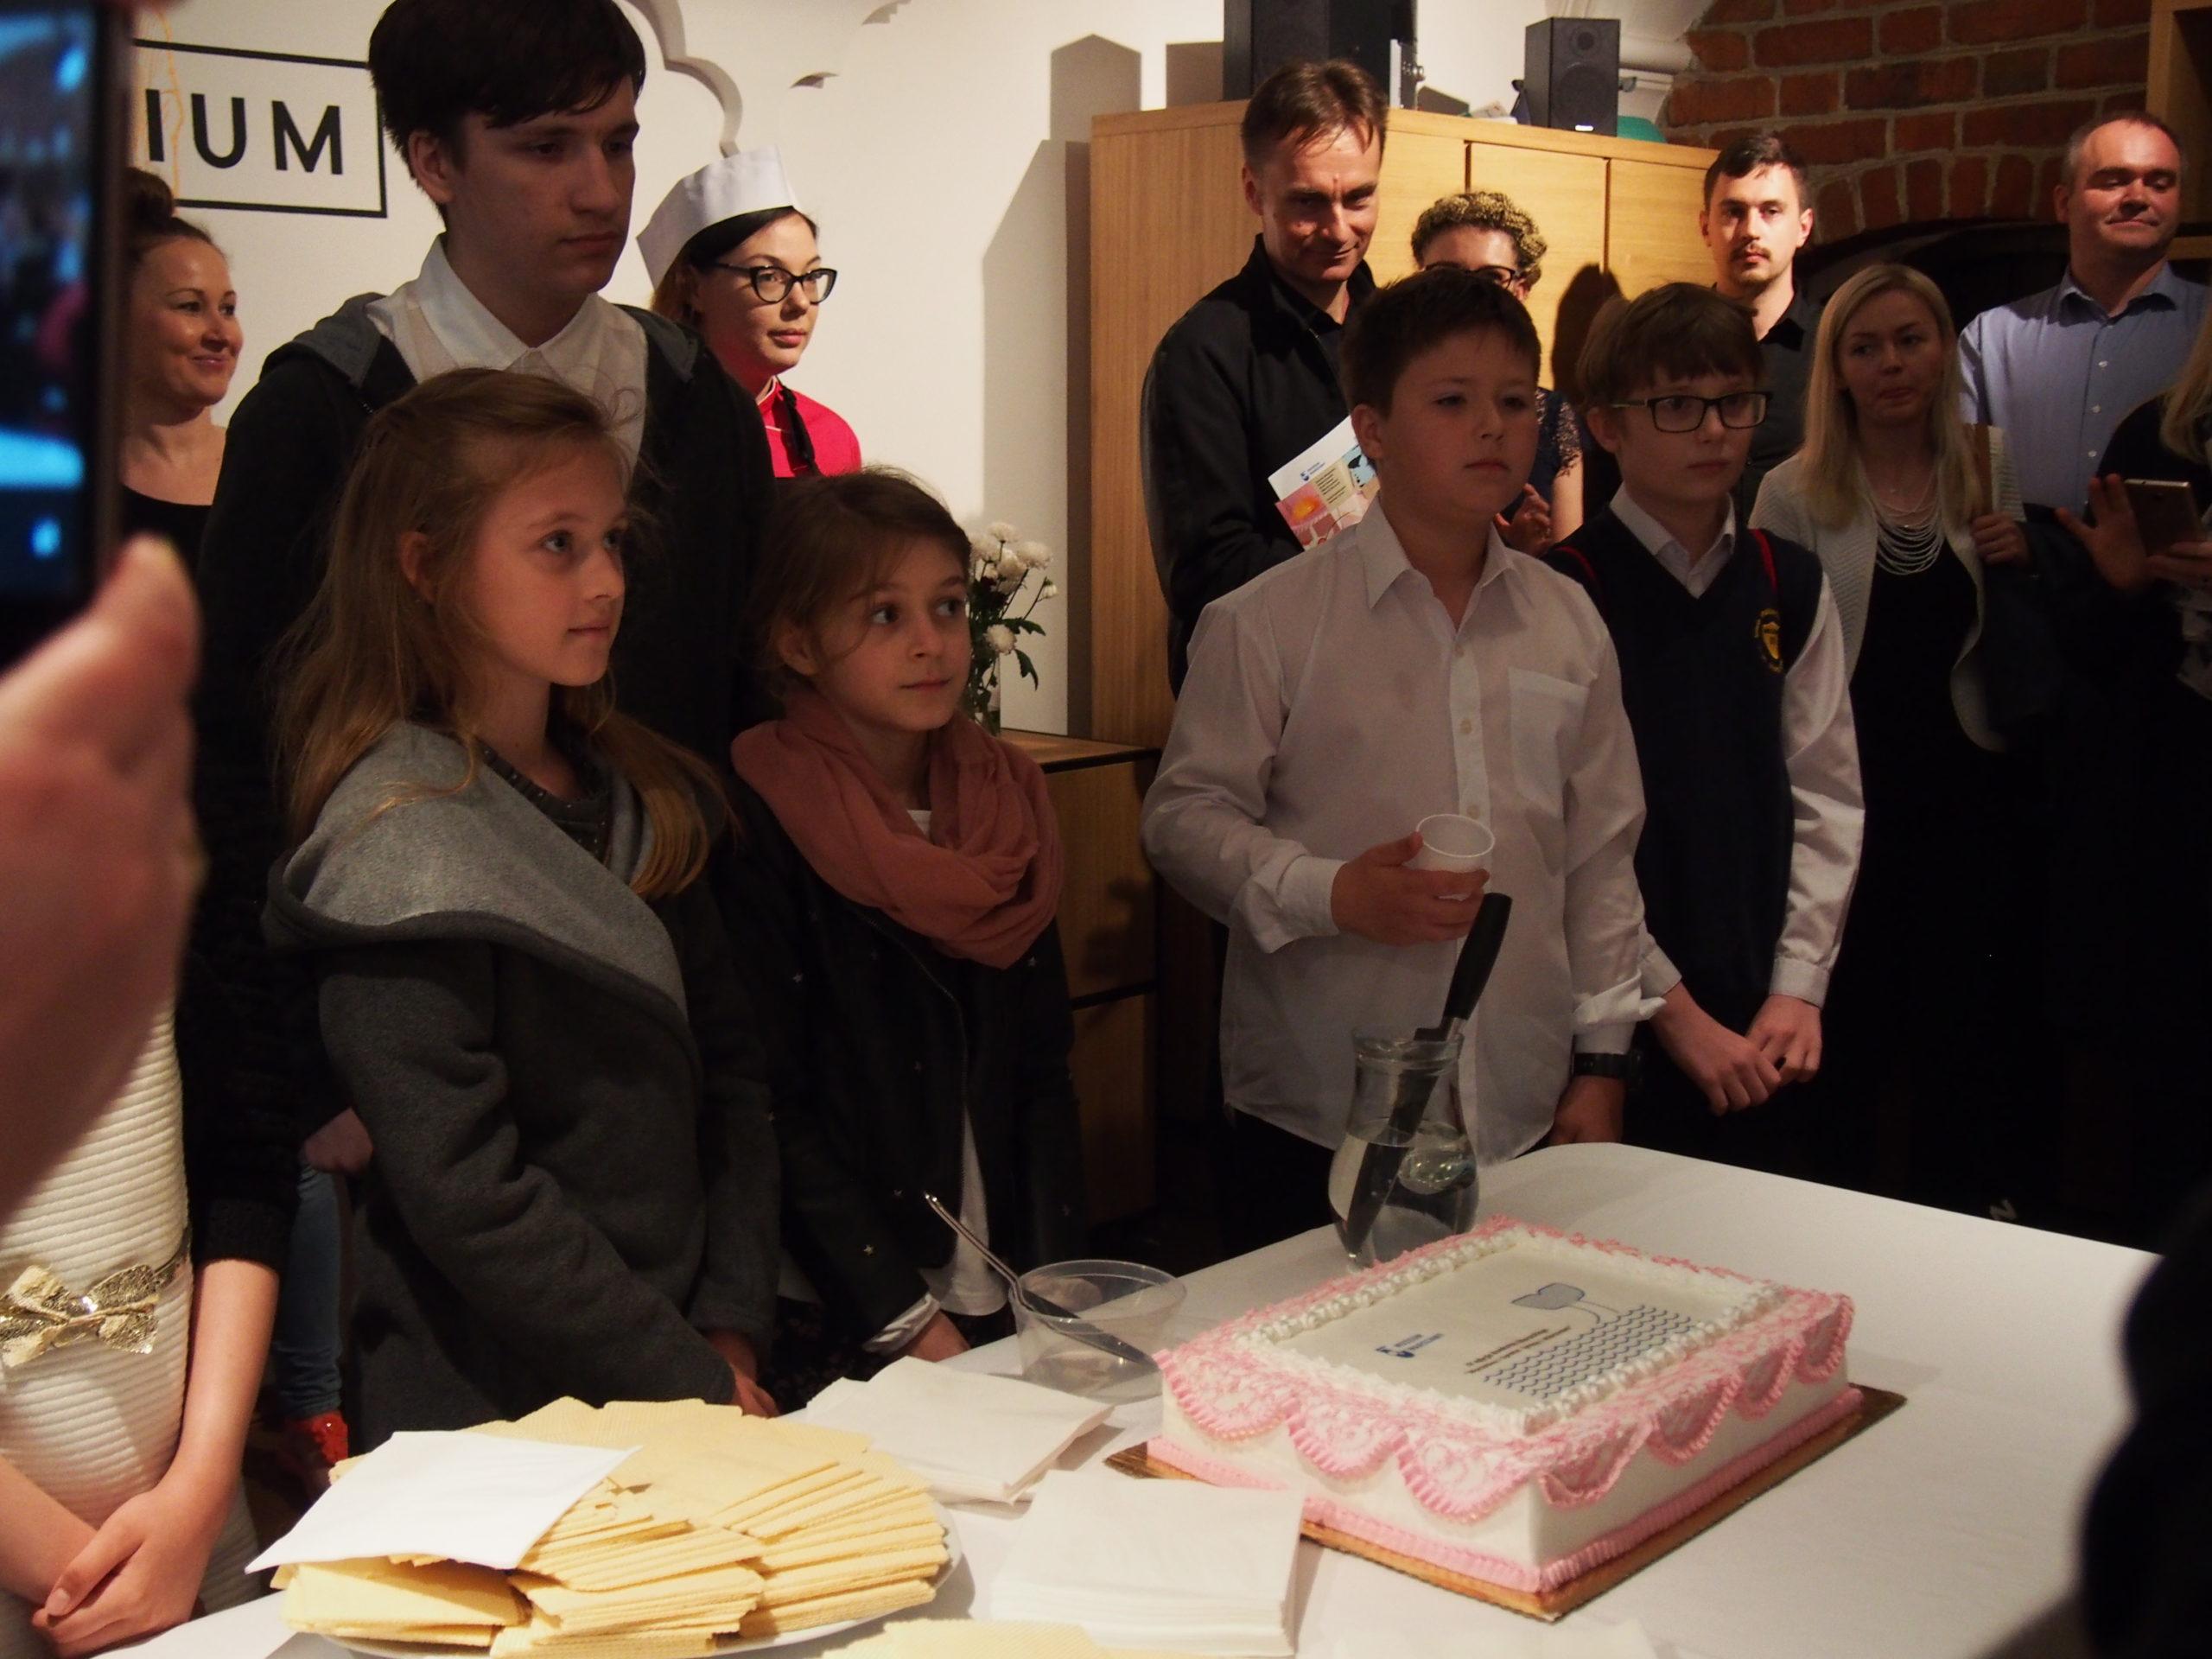 Na pierwszym planie na stole leży planie prostokątny tort. Wokół stołu grupka dzieci- laureatów konkursu.